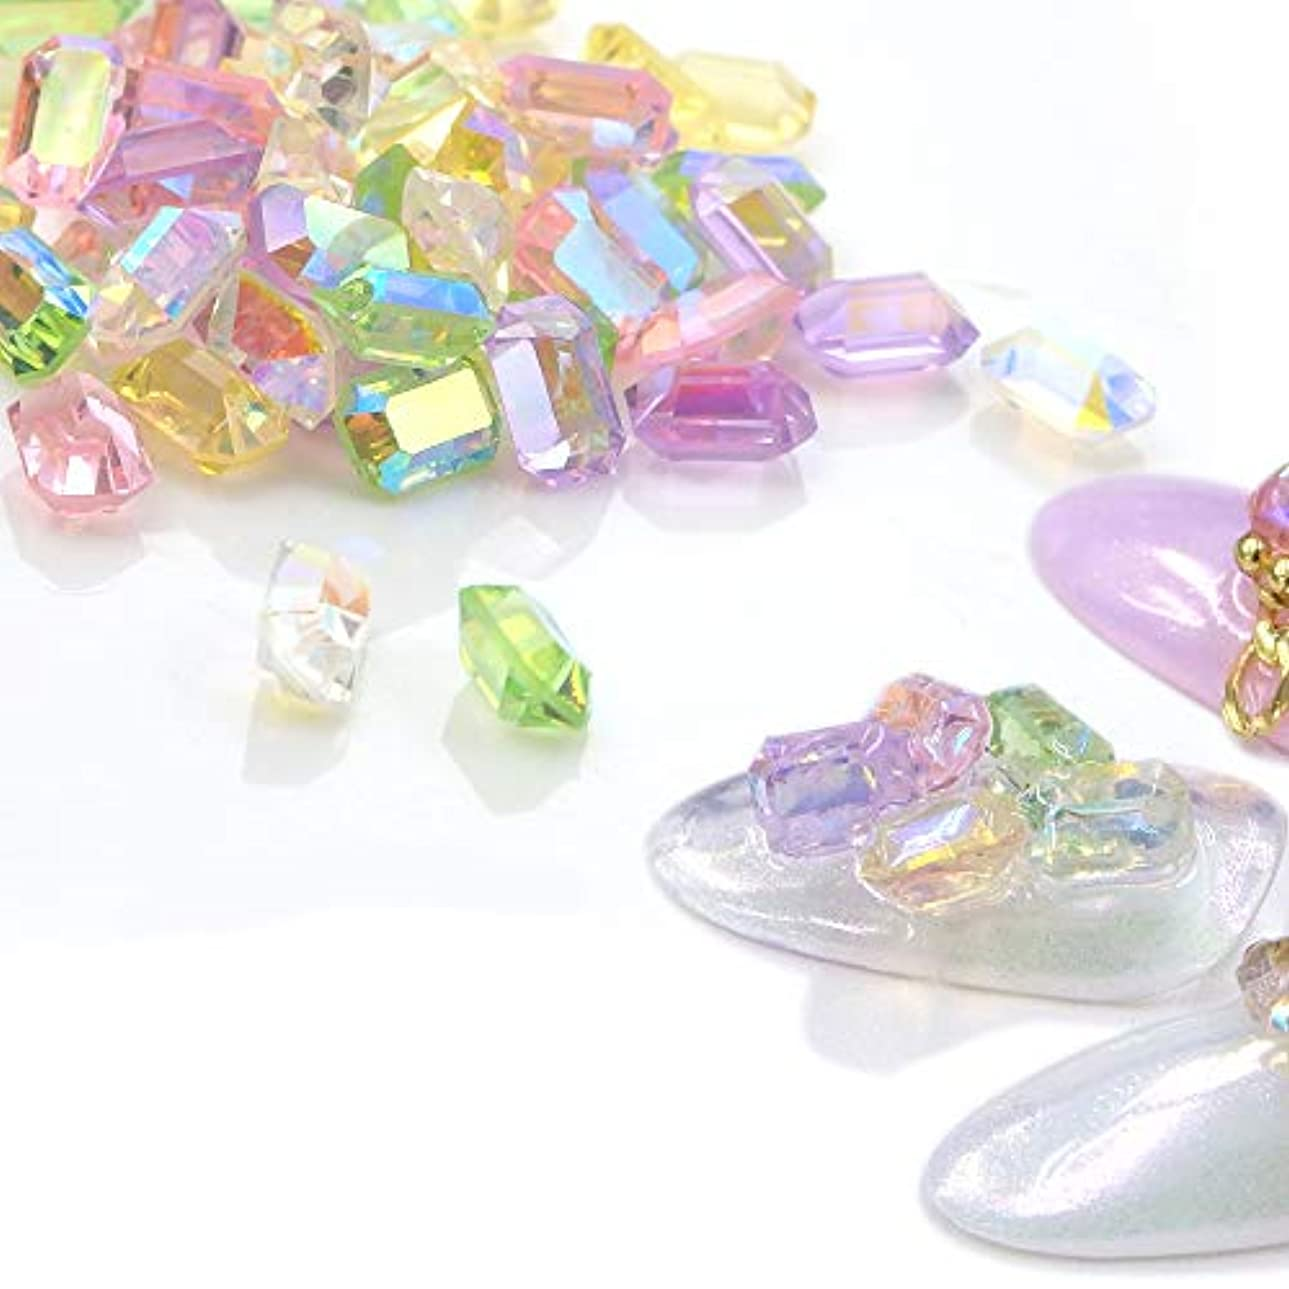 メリー偽物アジア人キャンディドロップカラーMIX 1袋 #2